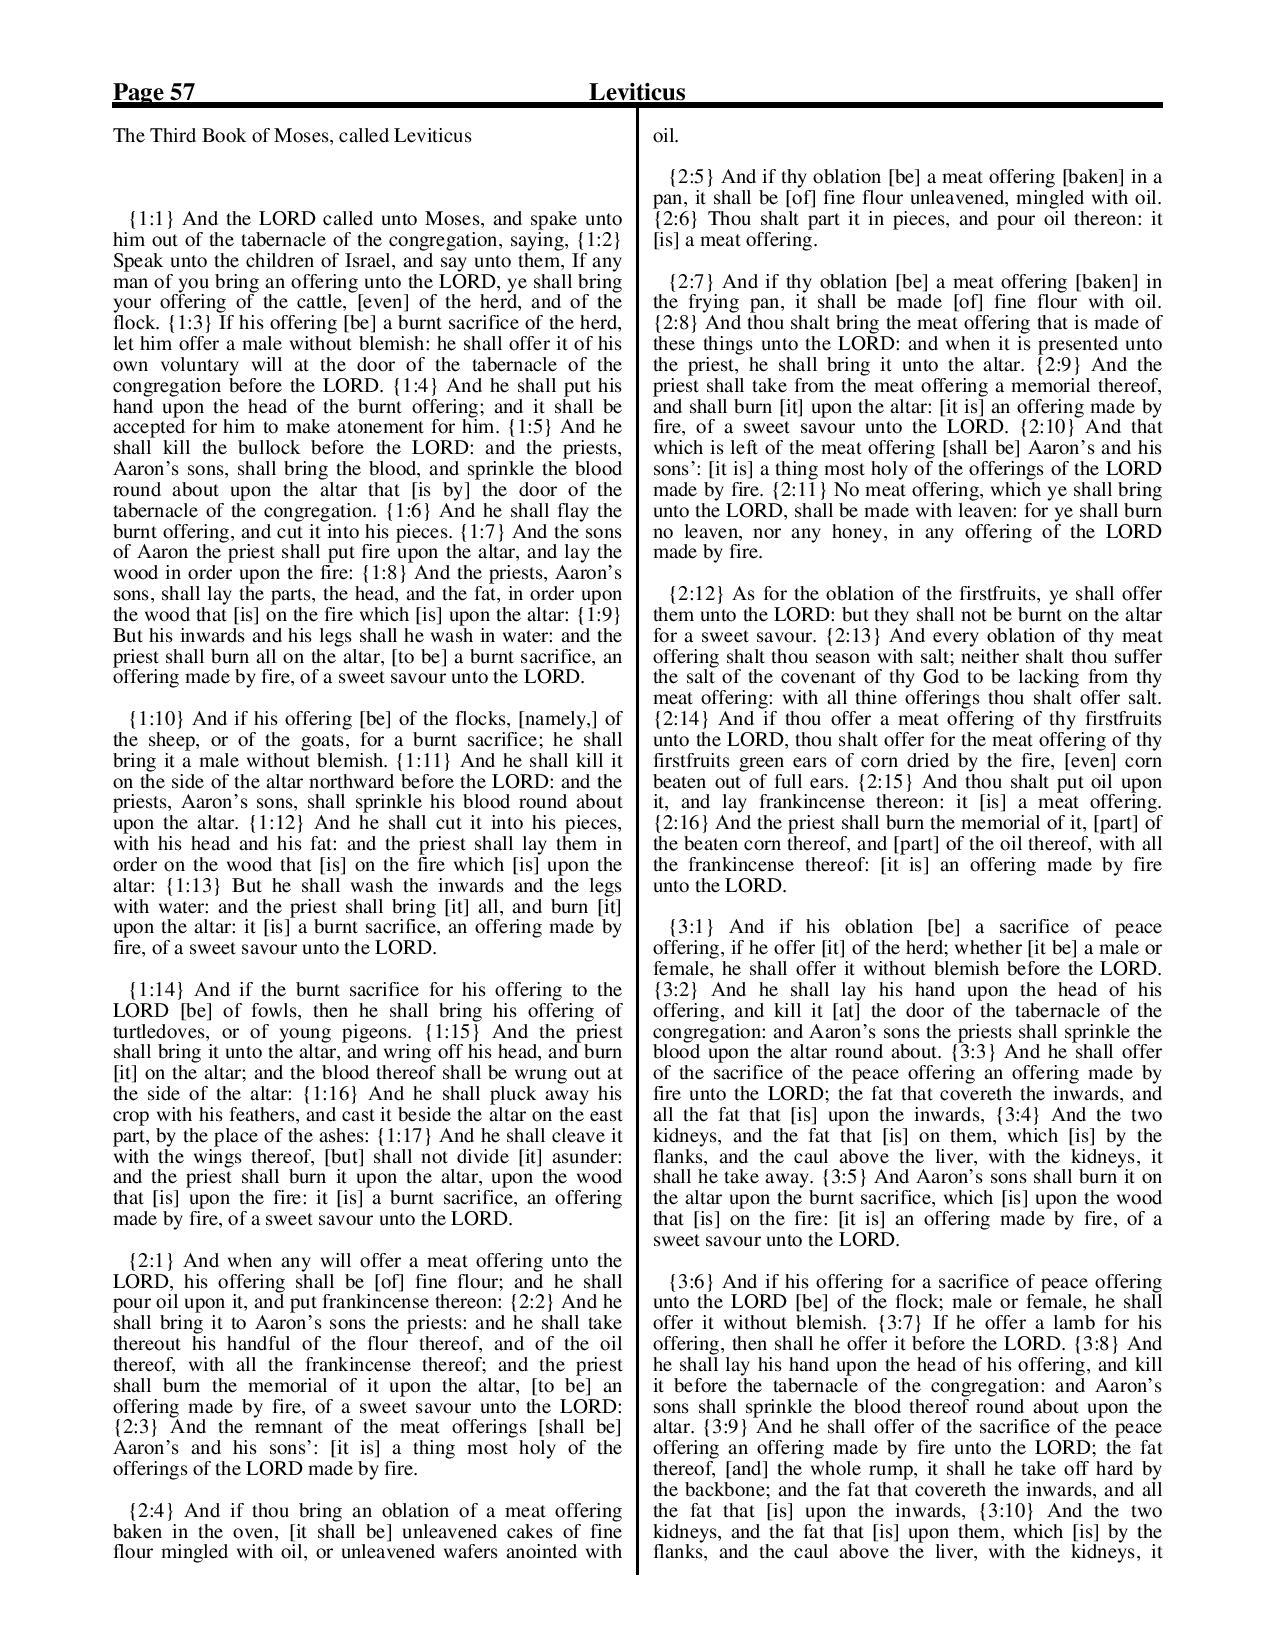 King-James-Bible-KJV-Bible-PDF-page-078